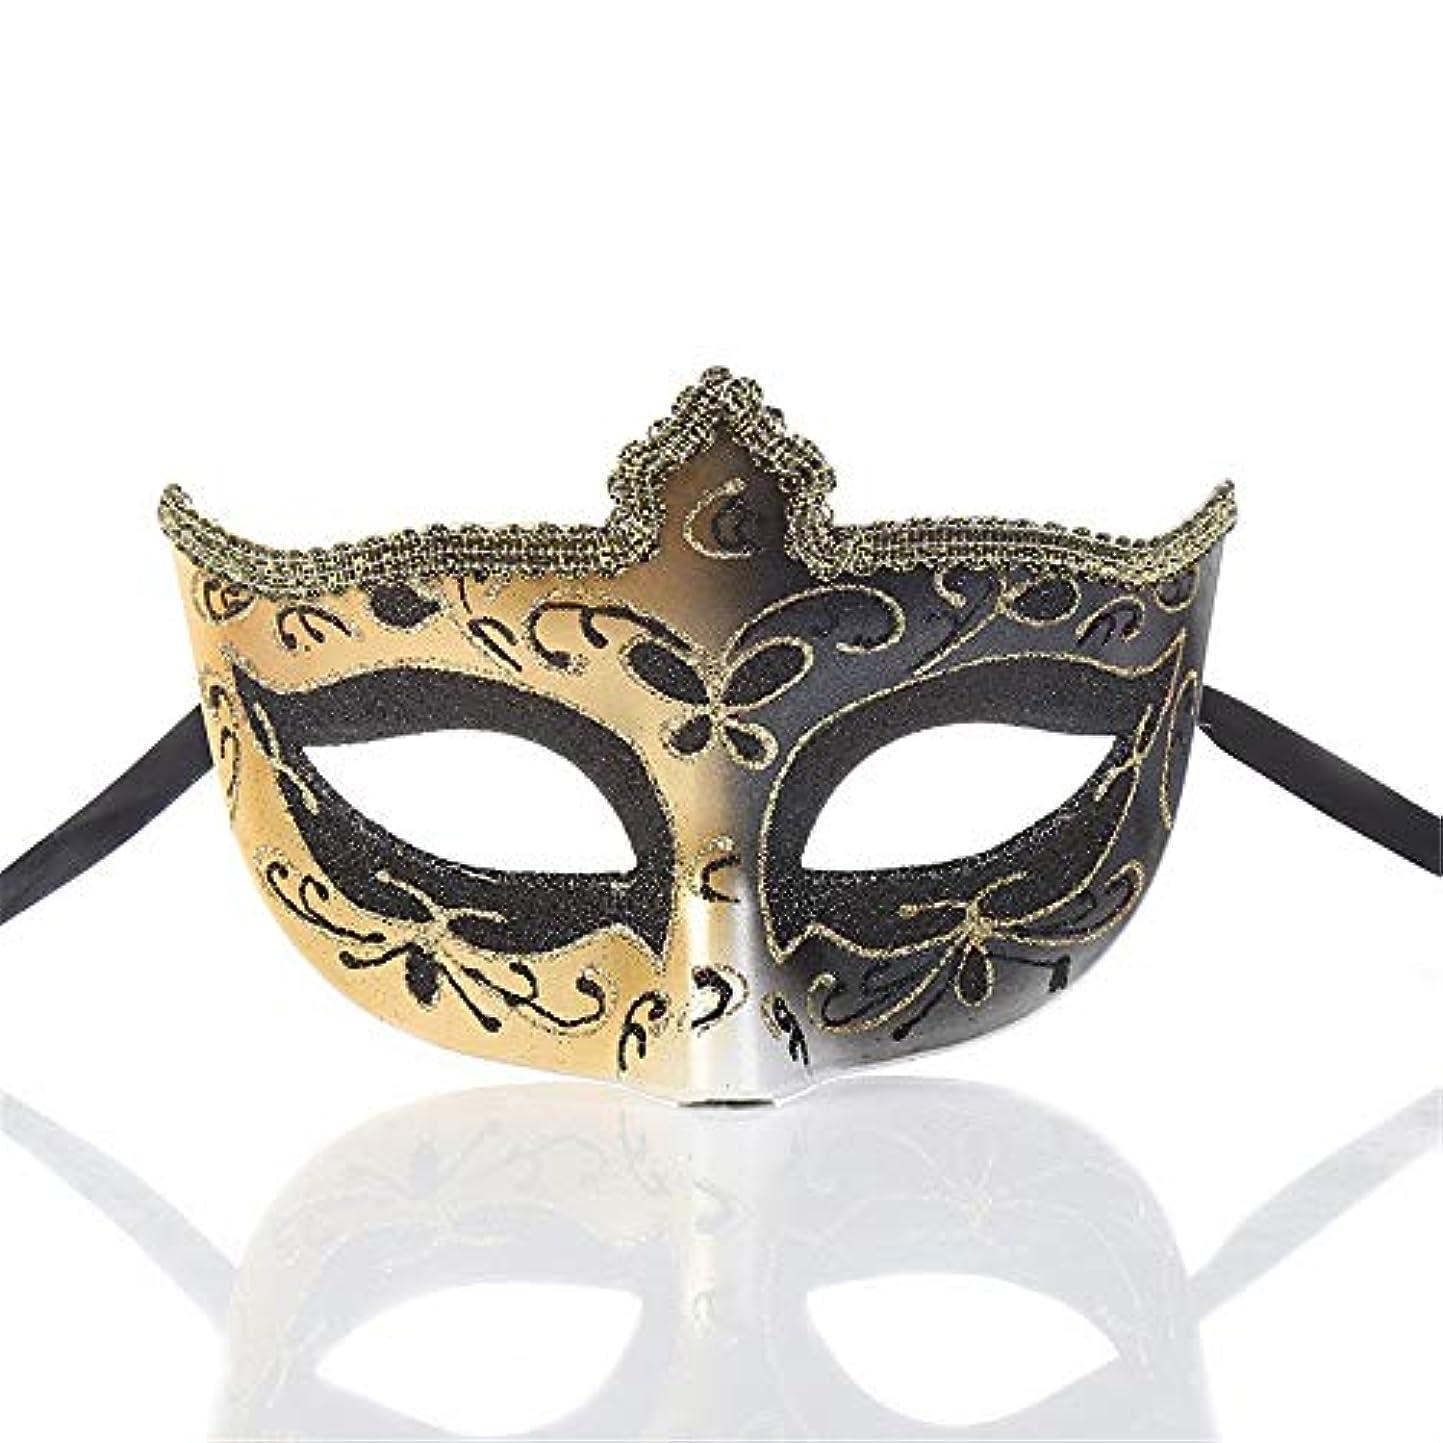 キャラバン切手潤滑するダンスマスク クリエイティブクラシックハーフマスクマスカレードパーティーデコレーションコスプレプラスチックマスク ホリデーパーティー用品 (色 : ブラック, サイズ : 17x11cm)